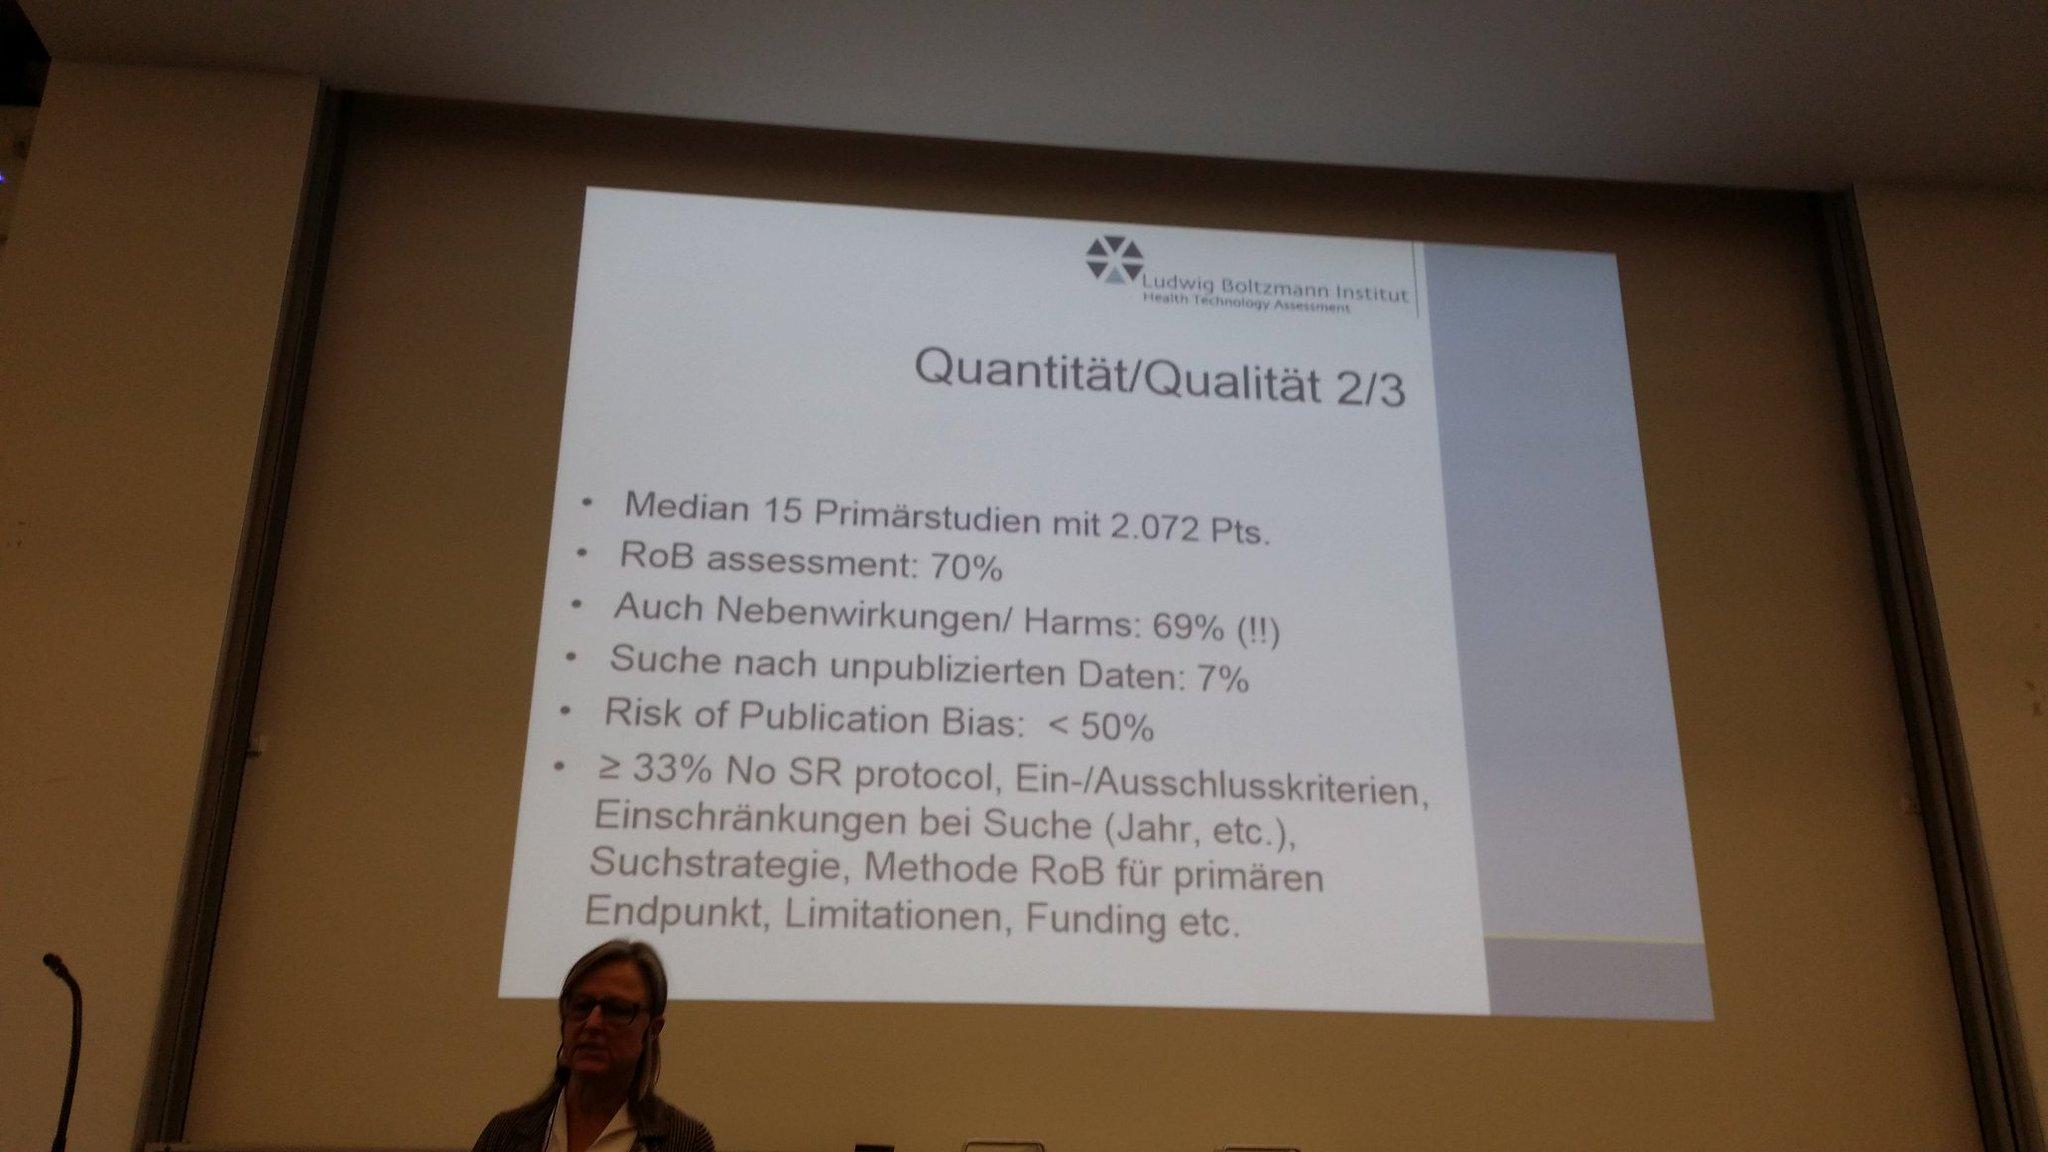 Schönes Beispiel für EN/DE-Mix in der Fachsprache: Claudia Wild aus Wien über Qualität/Quantität von Primärstudien und Reviews #dnebm17 https://t.co/lWgf2yVNTC